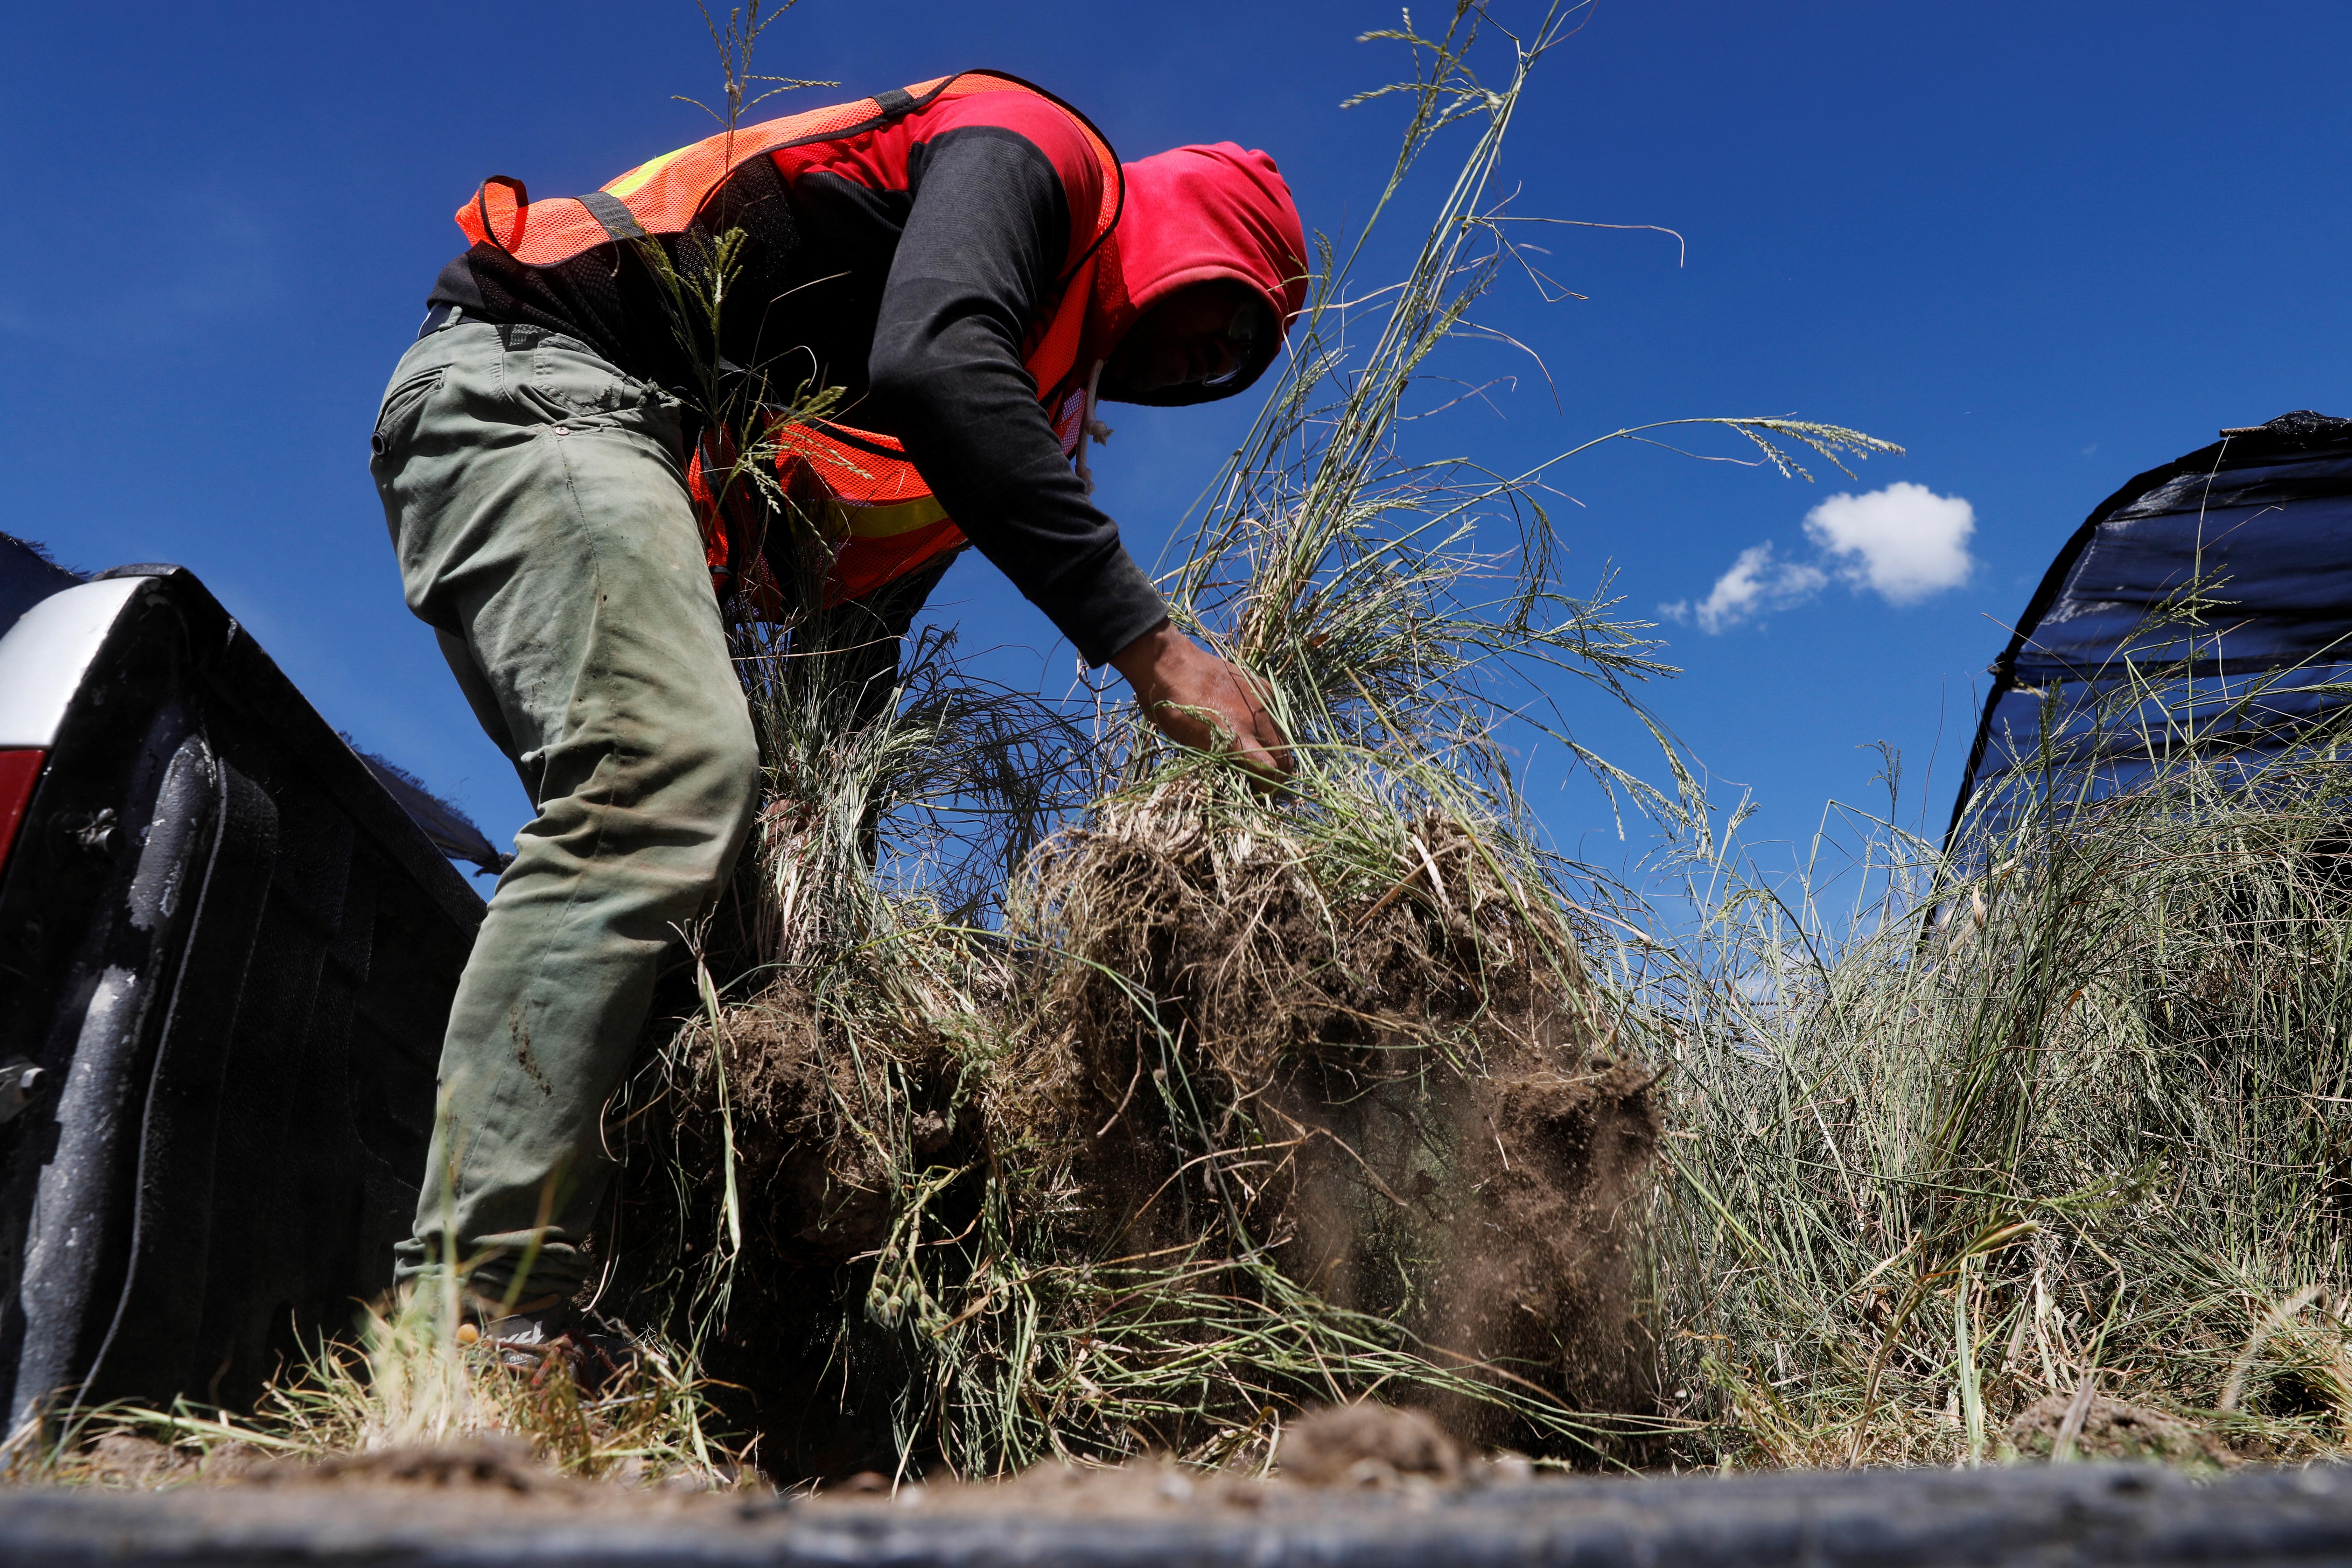 Un trabajador prepara plantas nativas en el centro de jardinería cerca de la zona cancelada del aeropuerto como parte de un proyecto para conservar 12,200 hectáreas de tierra en Texcoco, en las afueras de la Ciudad de México, México, 3 de septiembre de 2020. Fotografía tomada el 3 de septiembre de 2020.